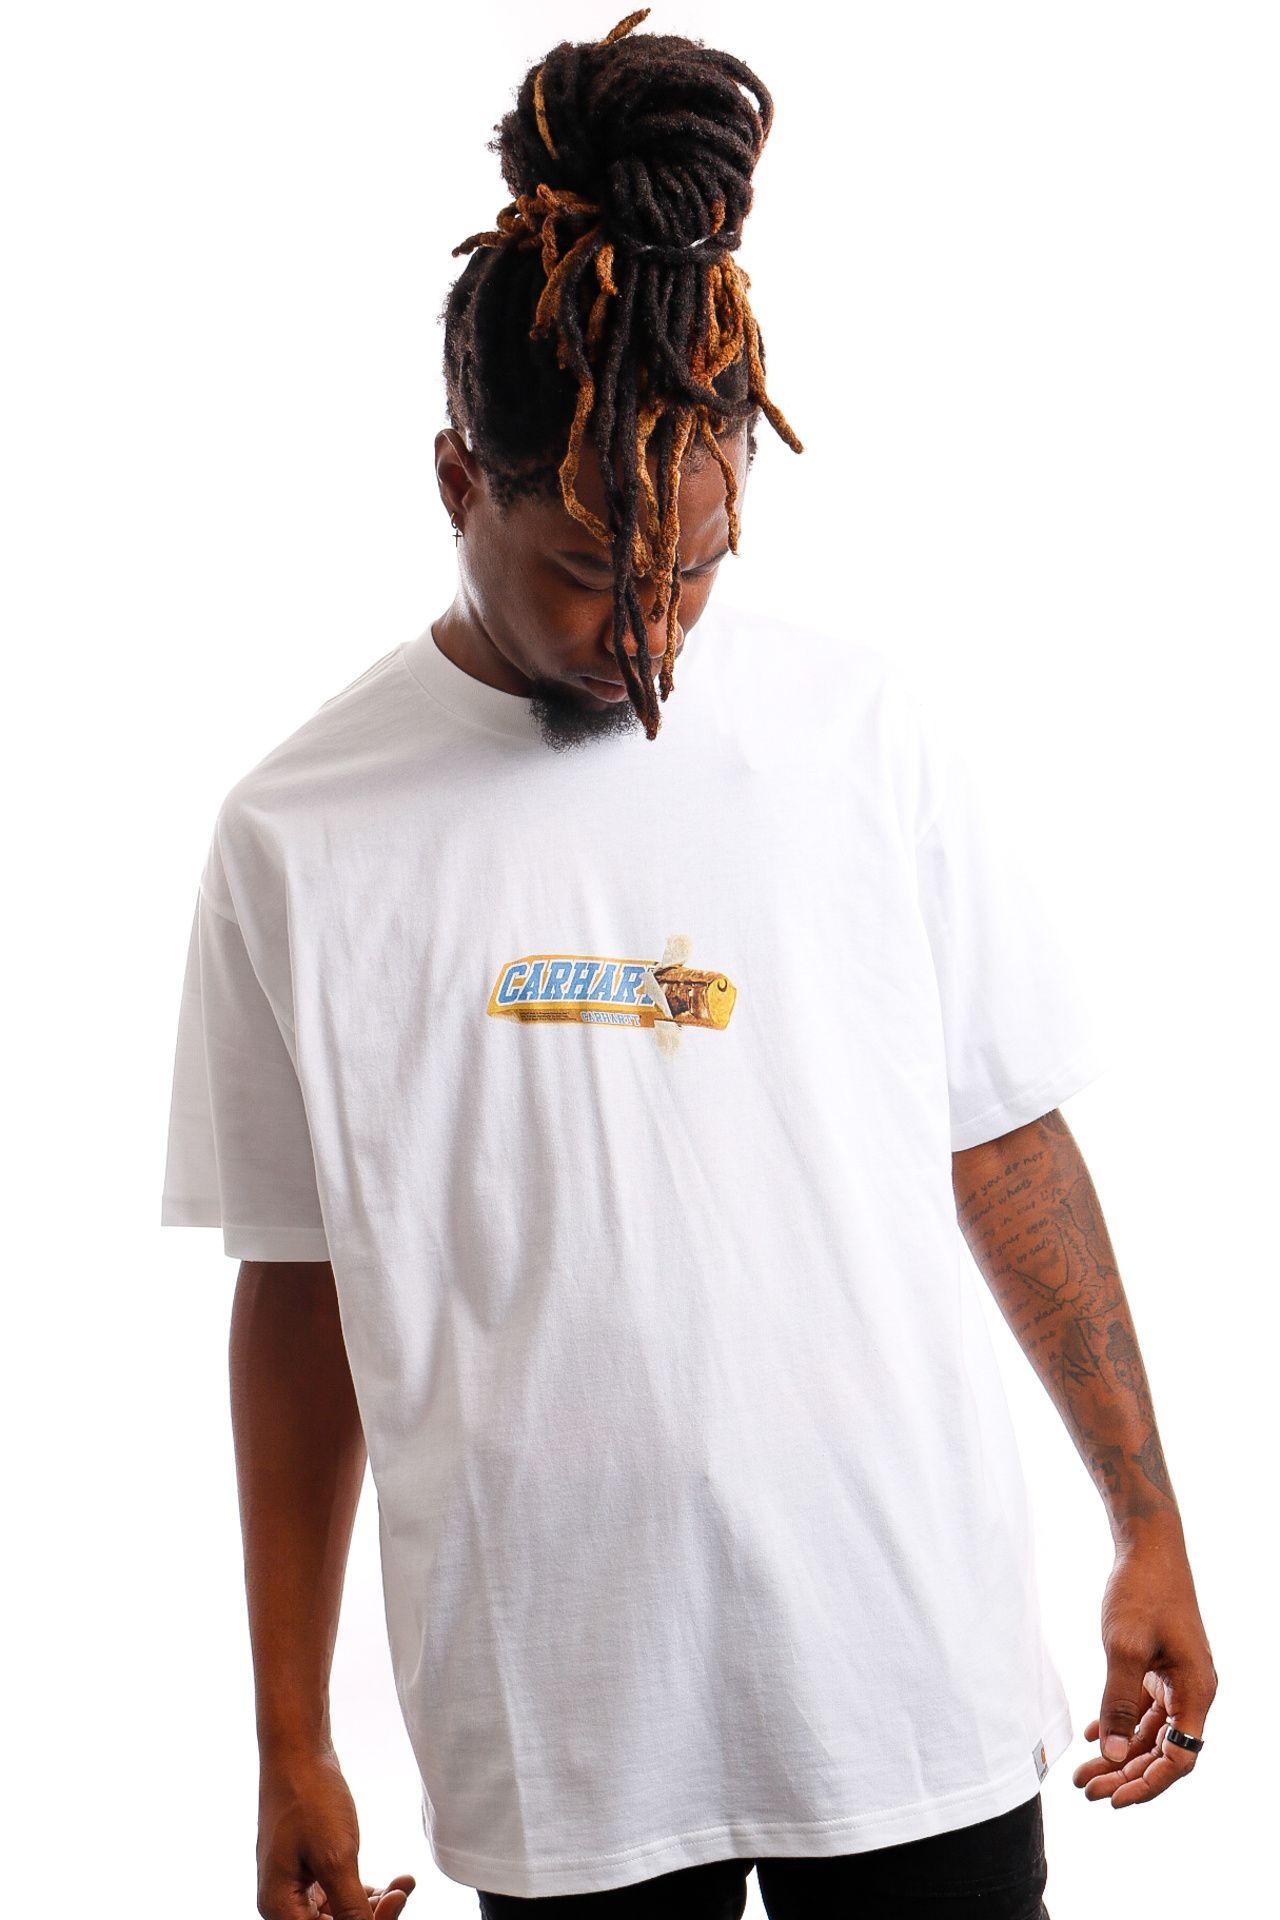 Afbeelding van Carhartt T-shirt S/S Chocolate Bar White I029620